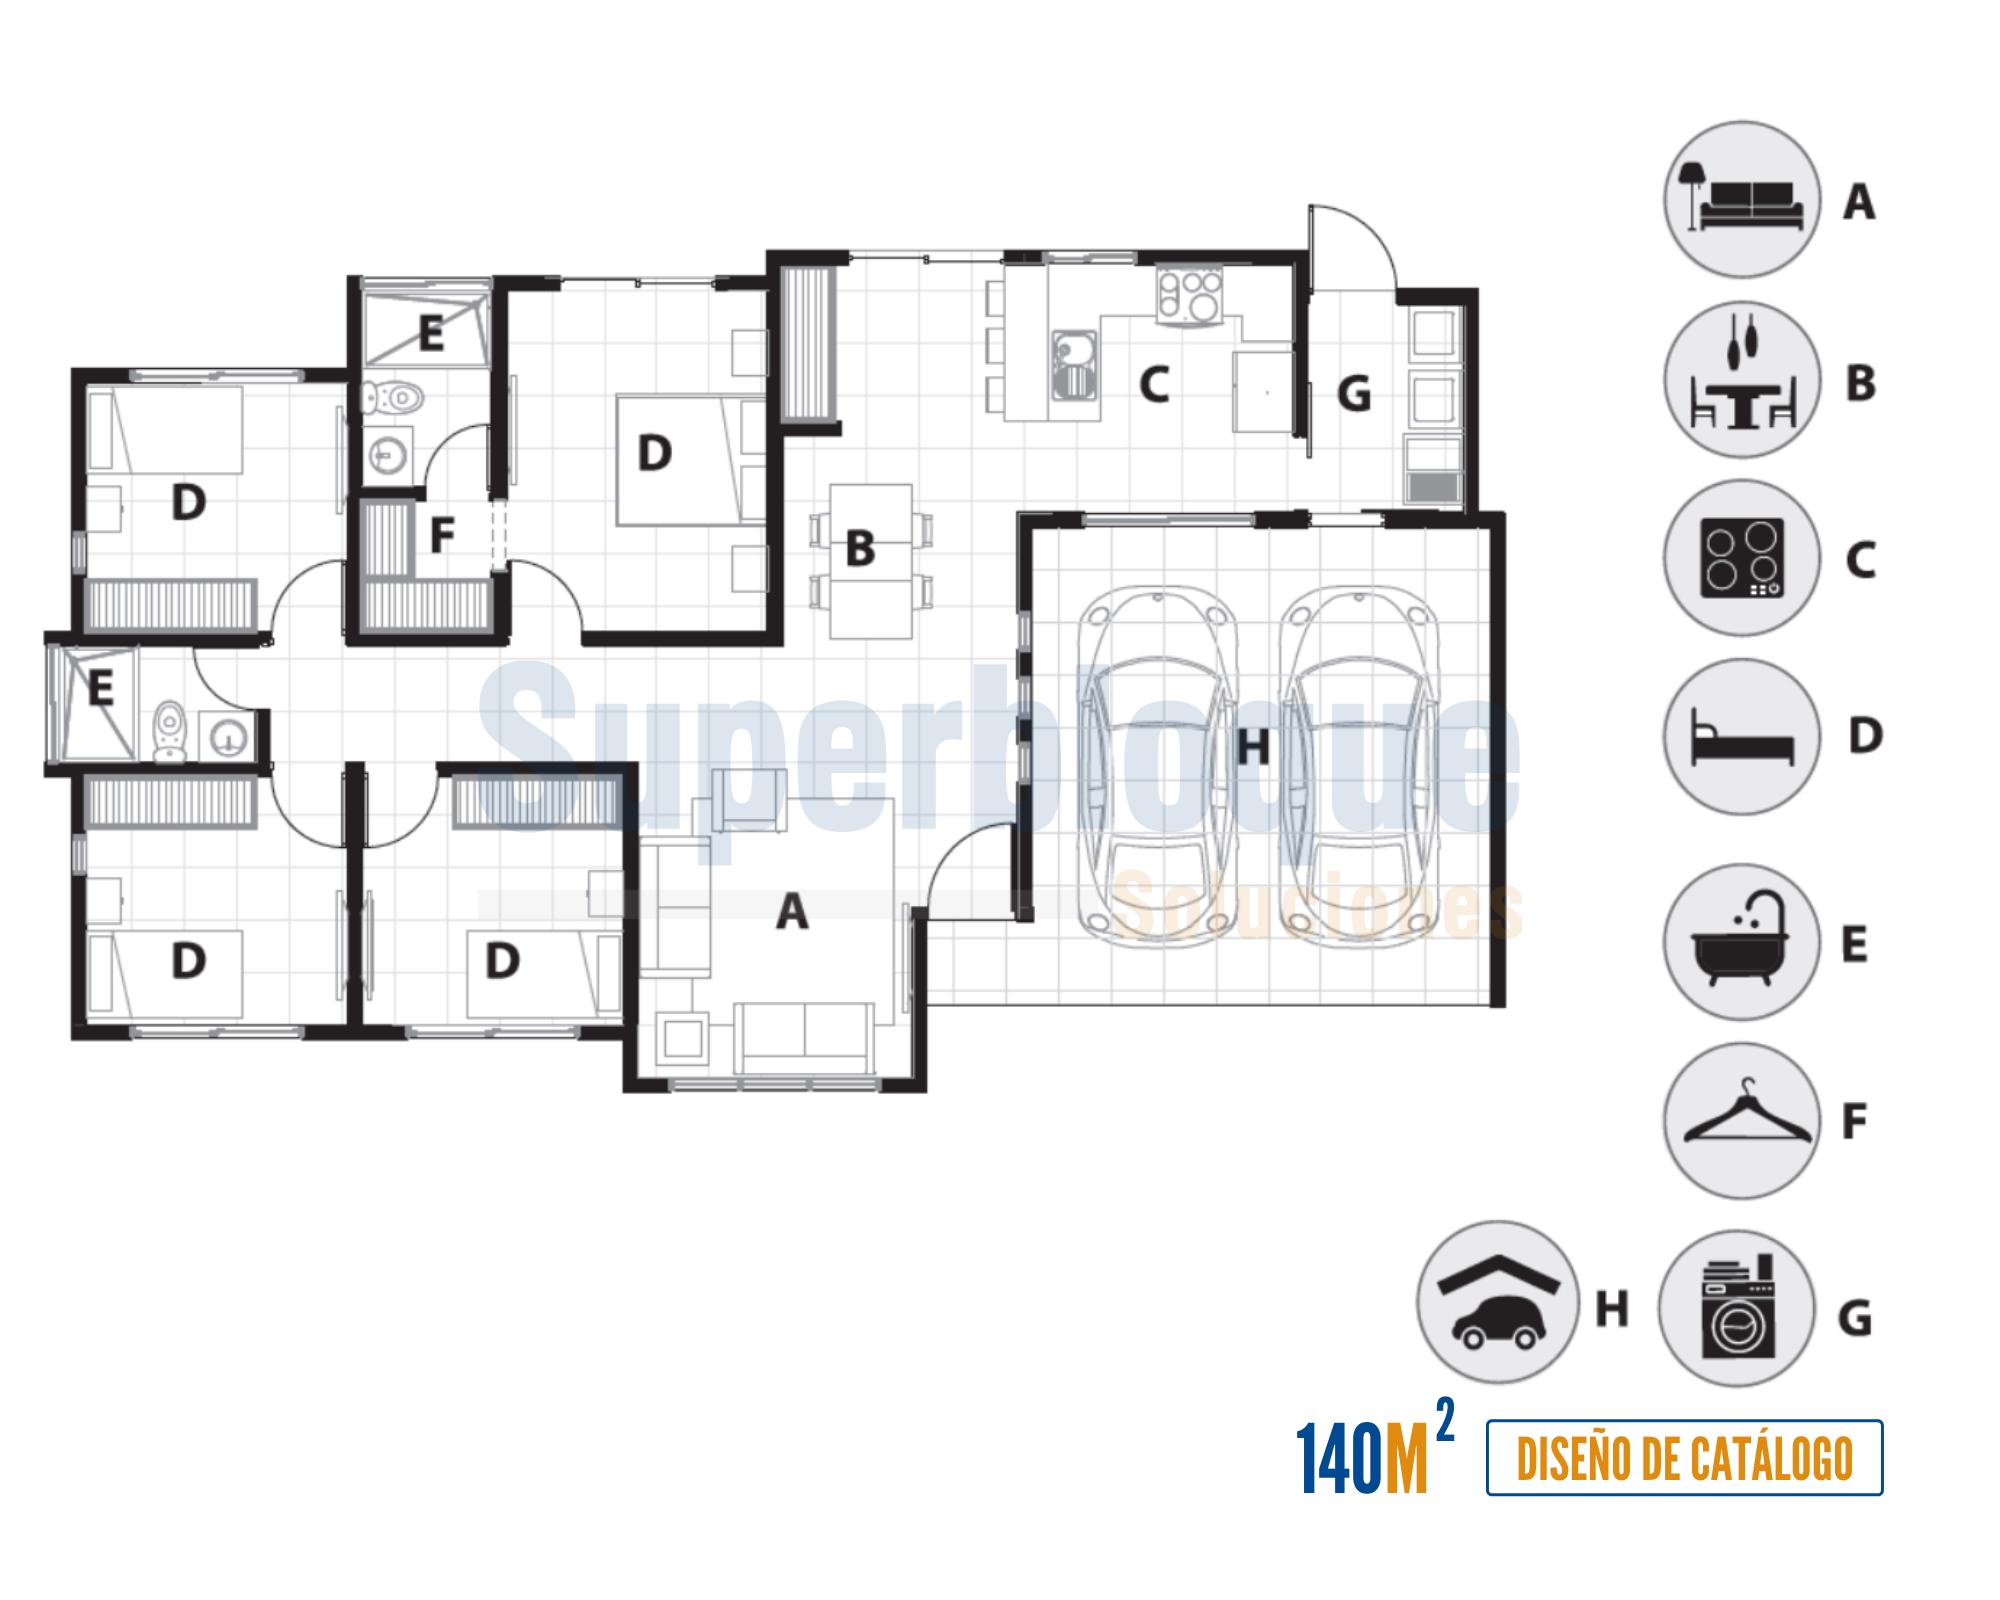 vivienda 140m2